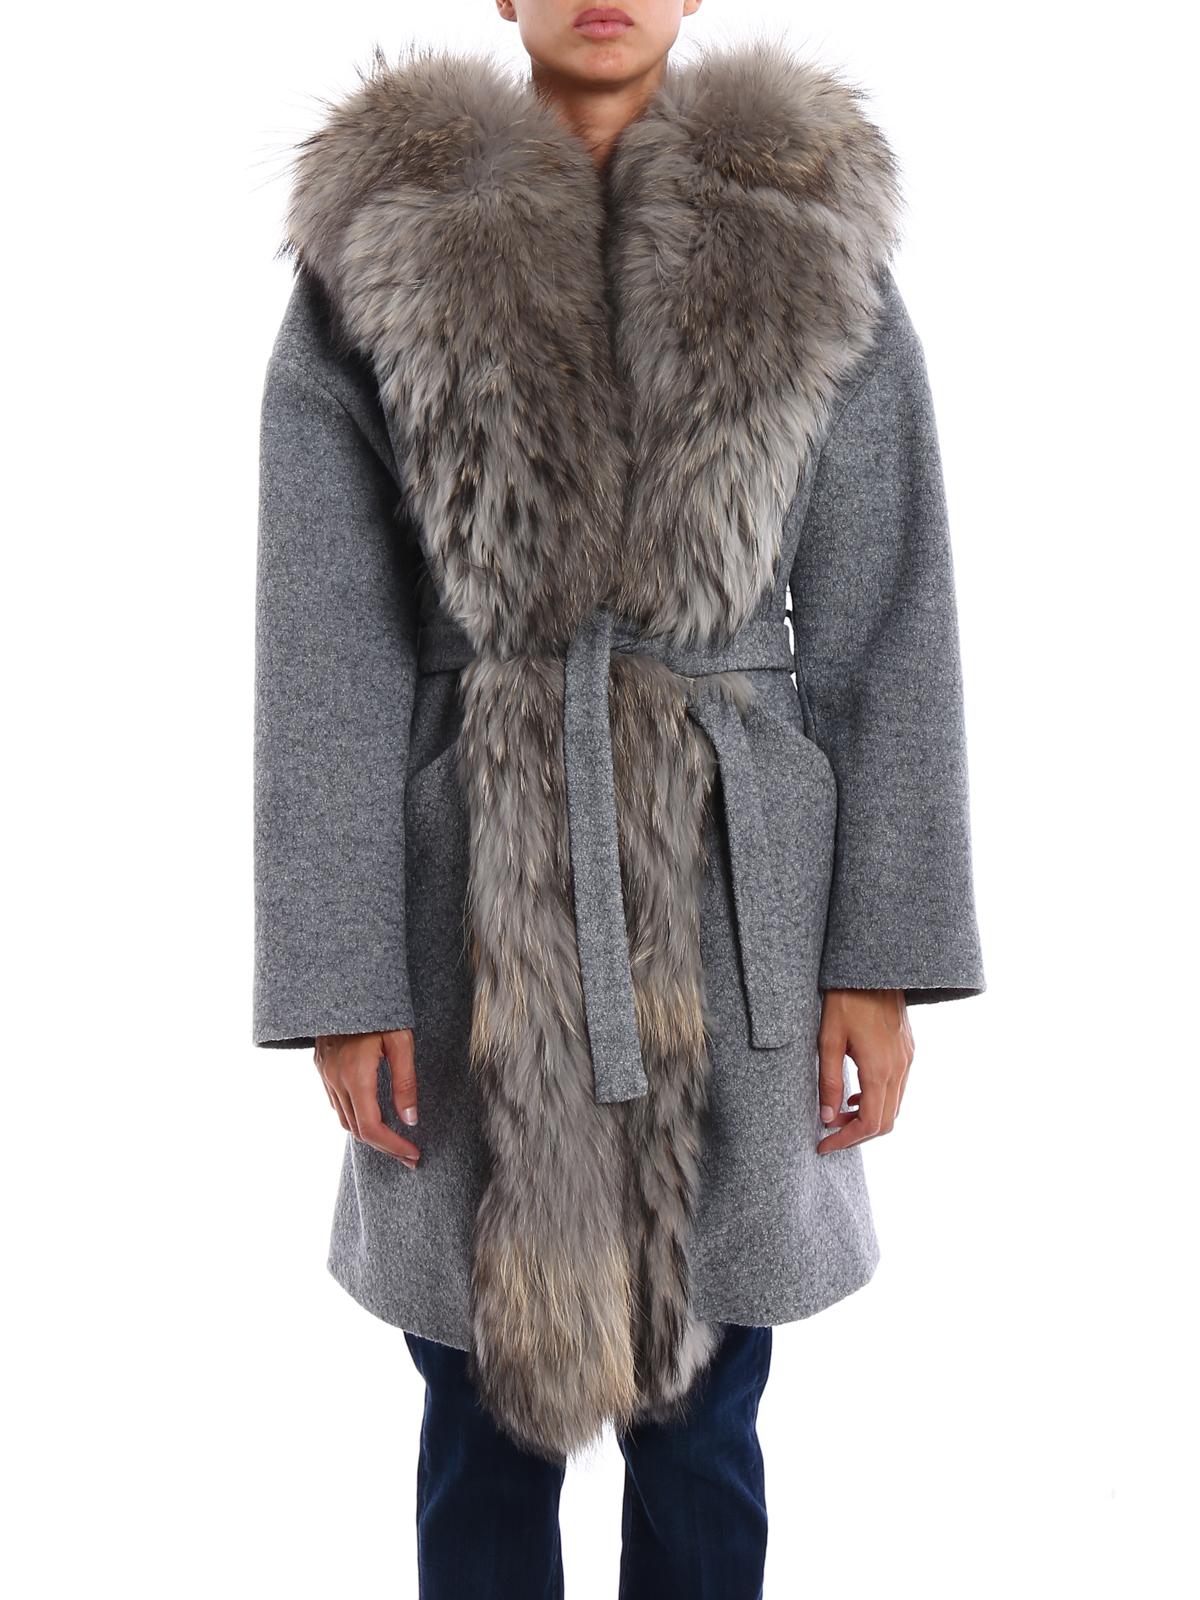 e pelliccia cotta lana cappotti corti in Cappotto Ava Adore cWnPX4X